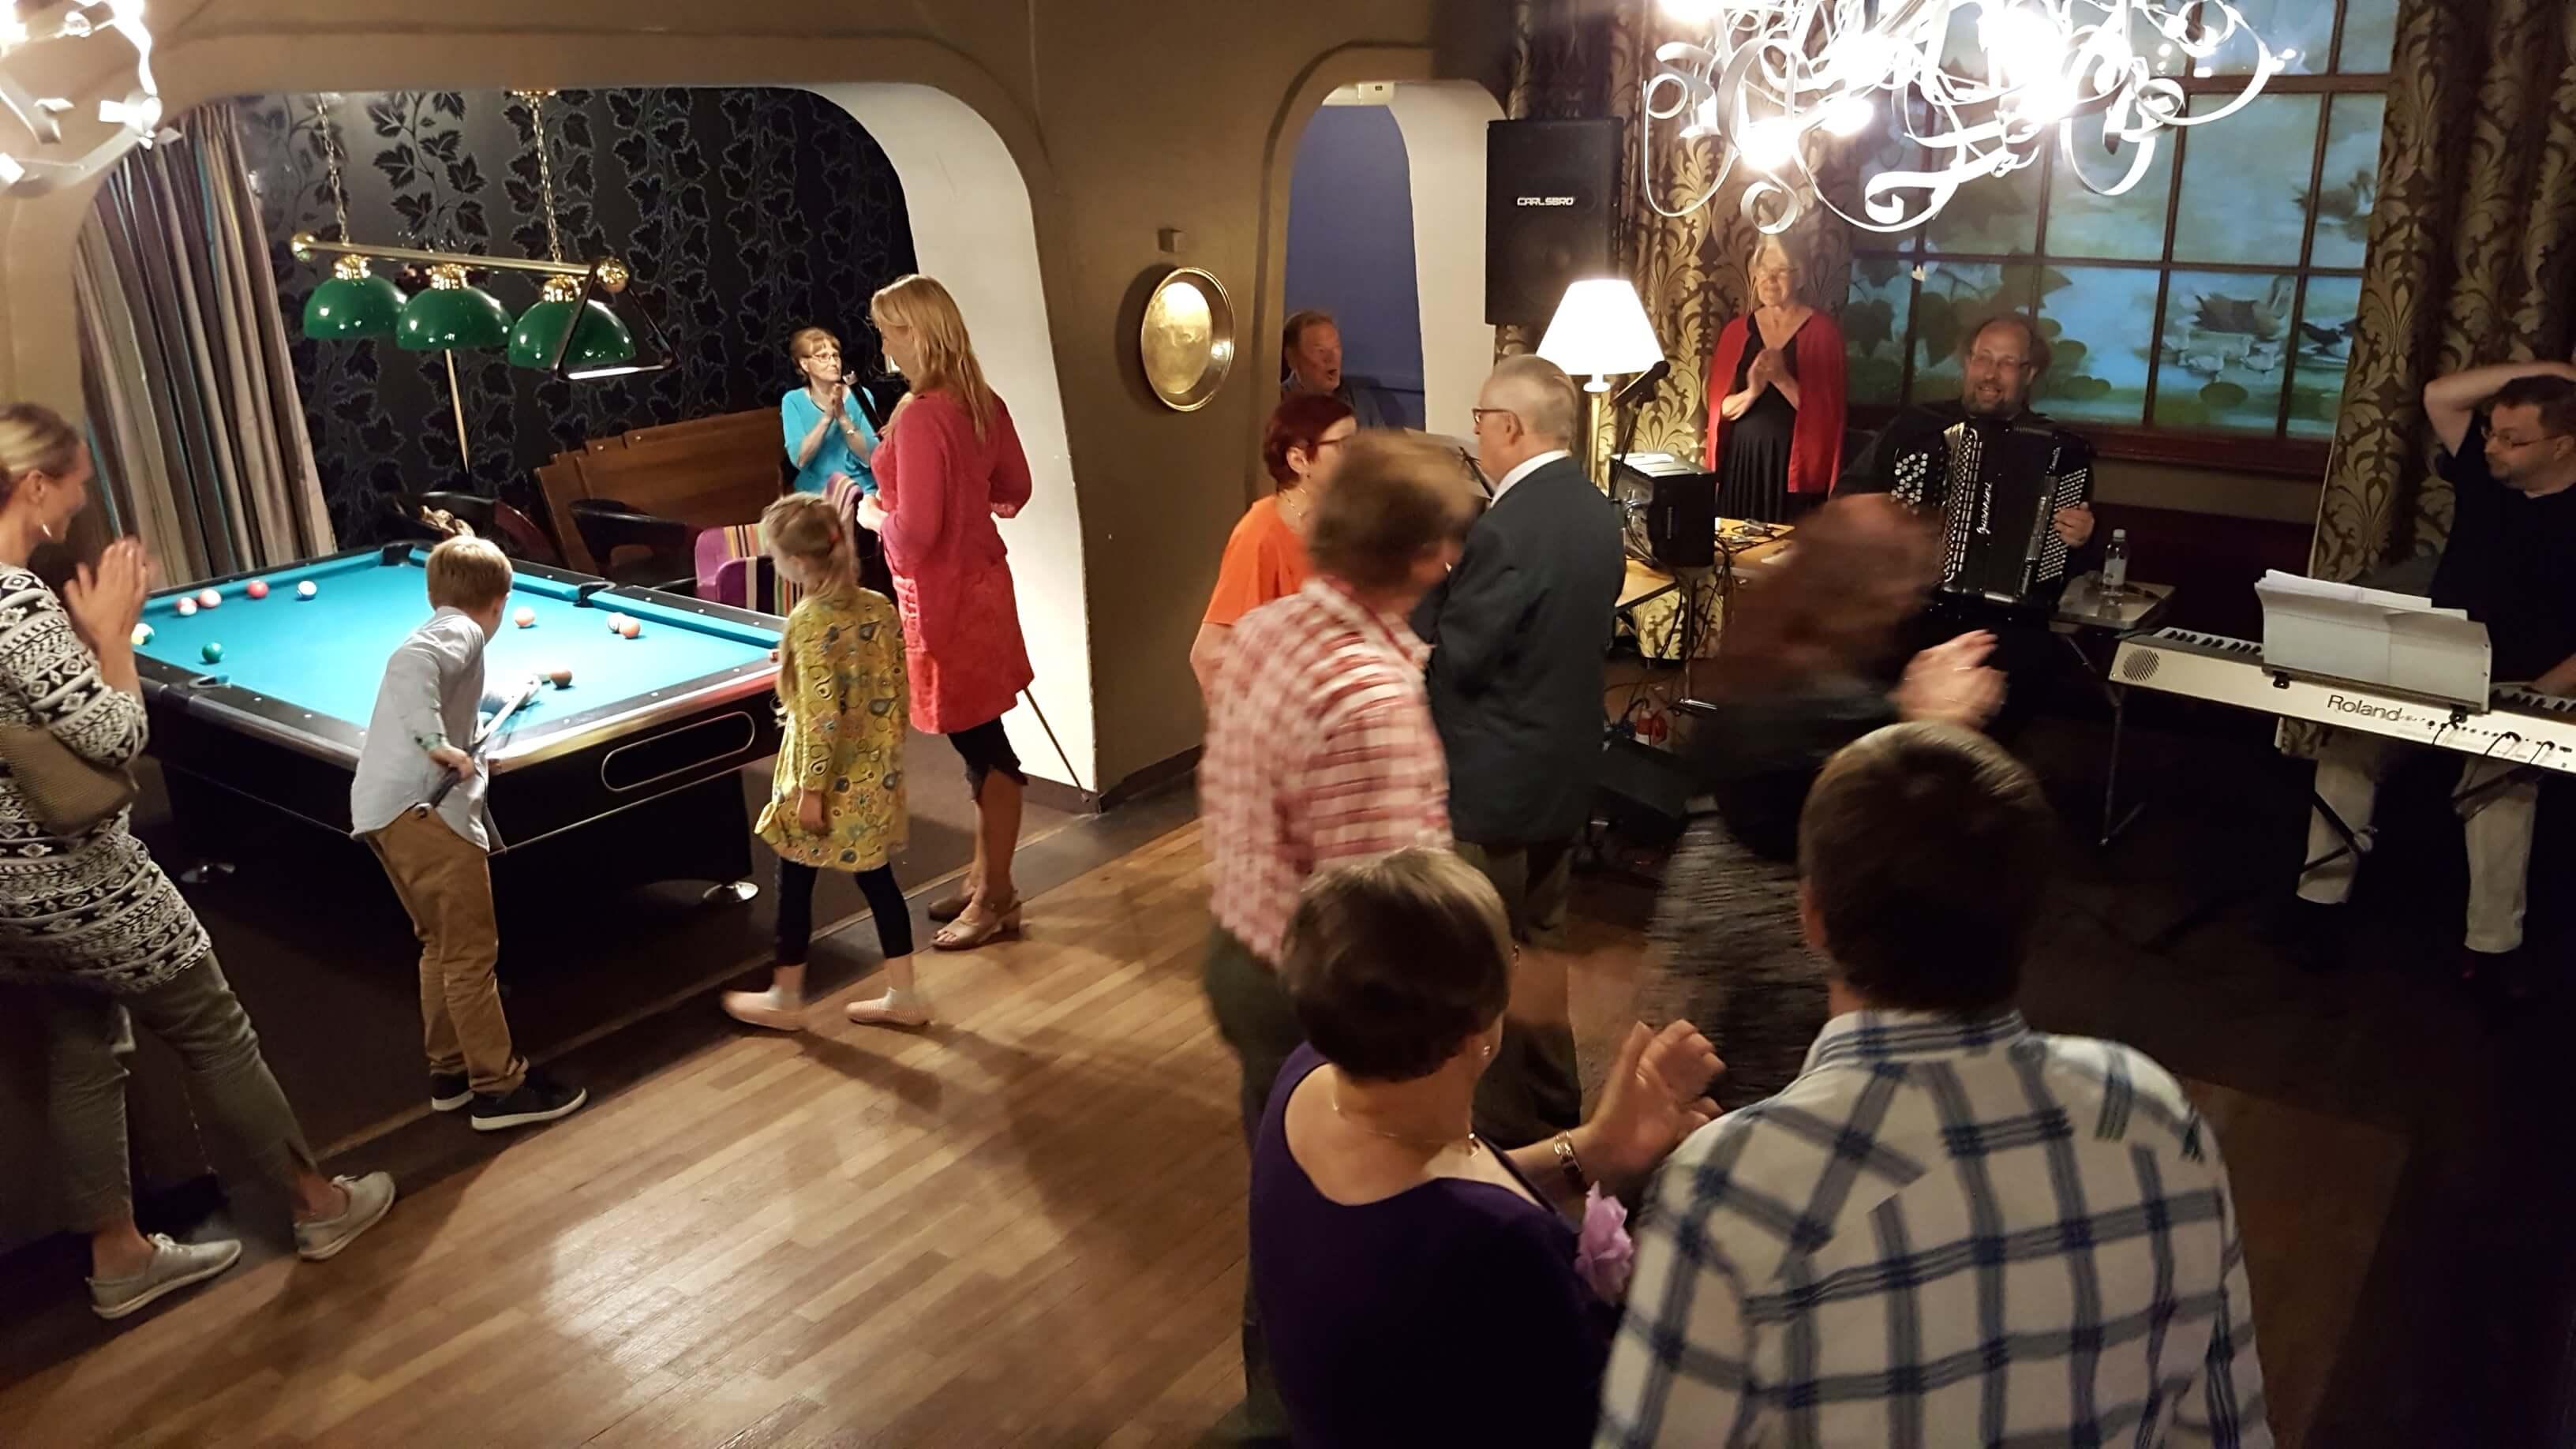 Illan viettoa Linna klubissa